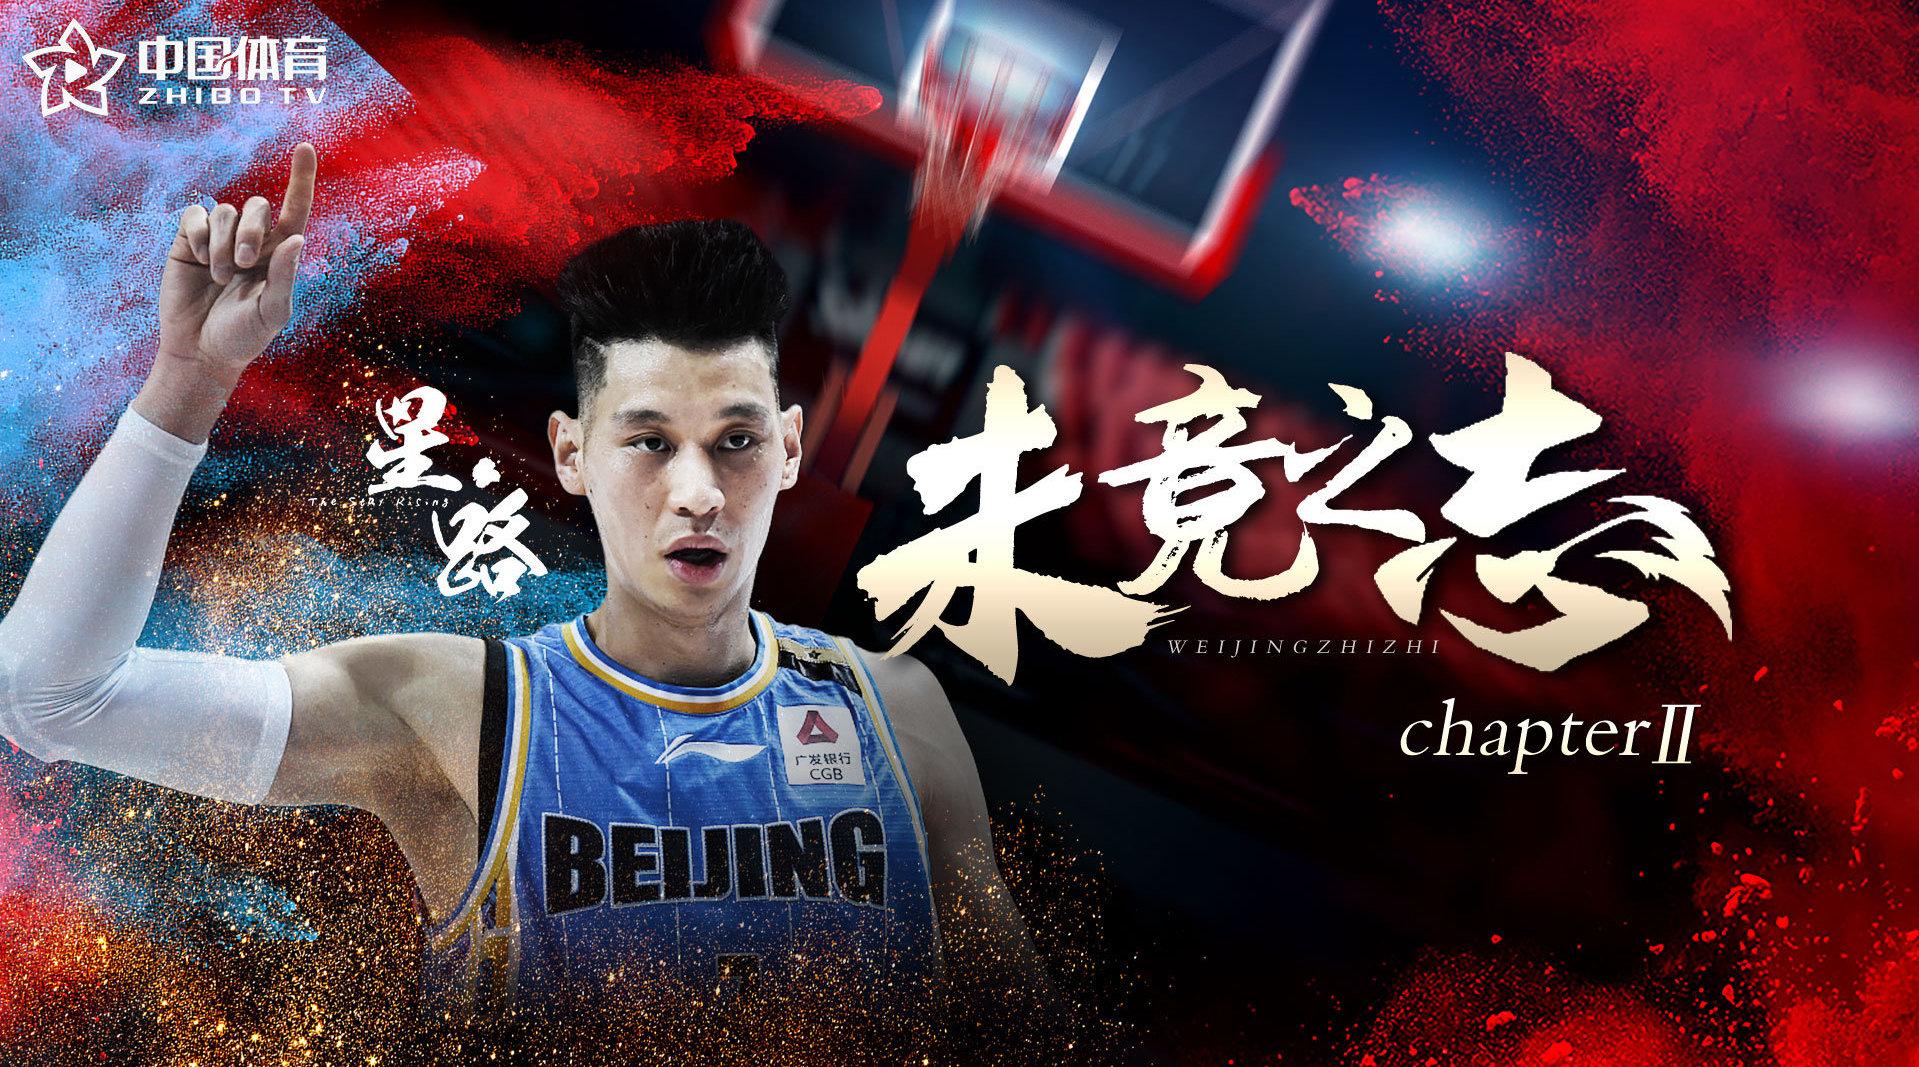 星·路丨未竟之志 II   @JeremyLin林书豪 @北京首钢篮球俱乐部 话说